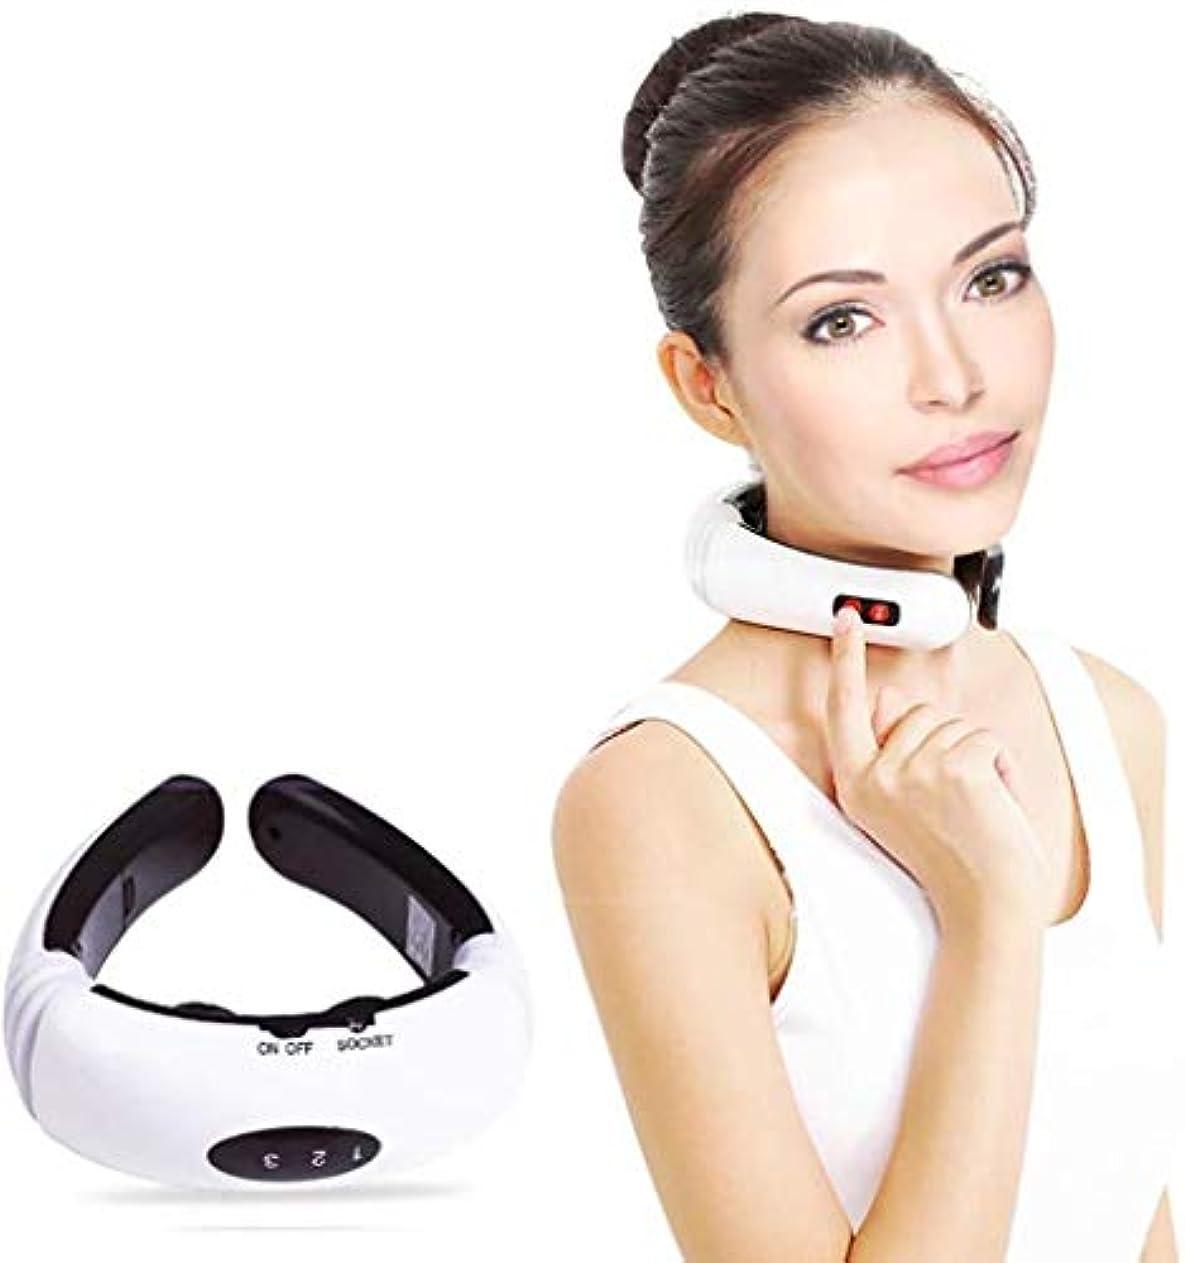 責任者コース著名な子宮頸マッサージ器、電気パルス戻る/ネックマッサージャー、遠赤外線暖房は、/痛みを和らげる血液循環、多機能ケアツールを推進し、ストレスを緩和し、疲労を和らげます